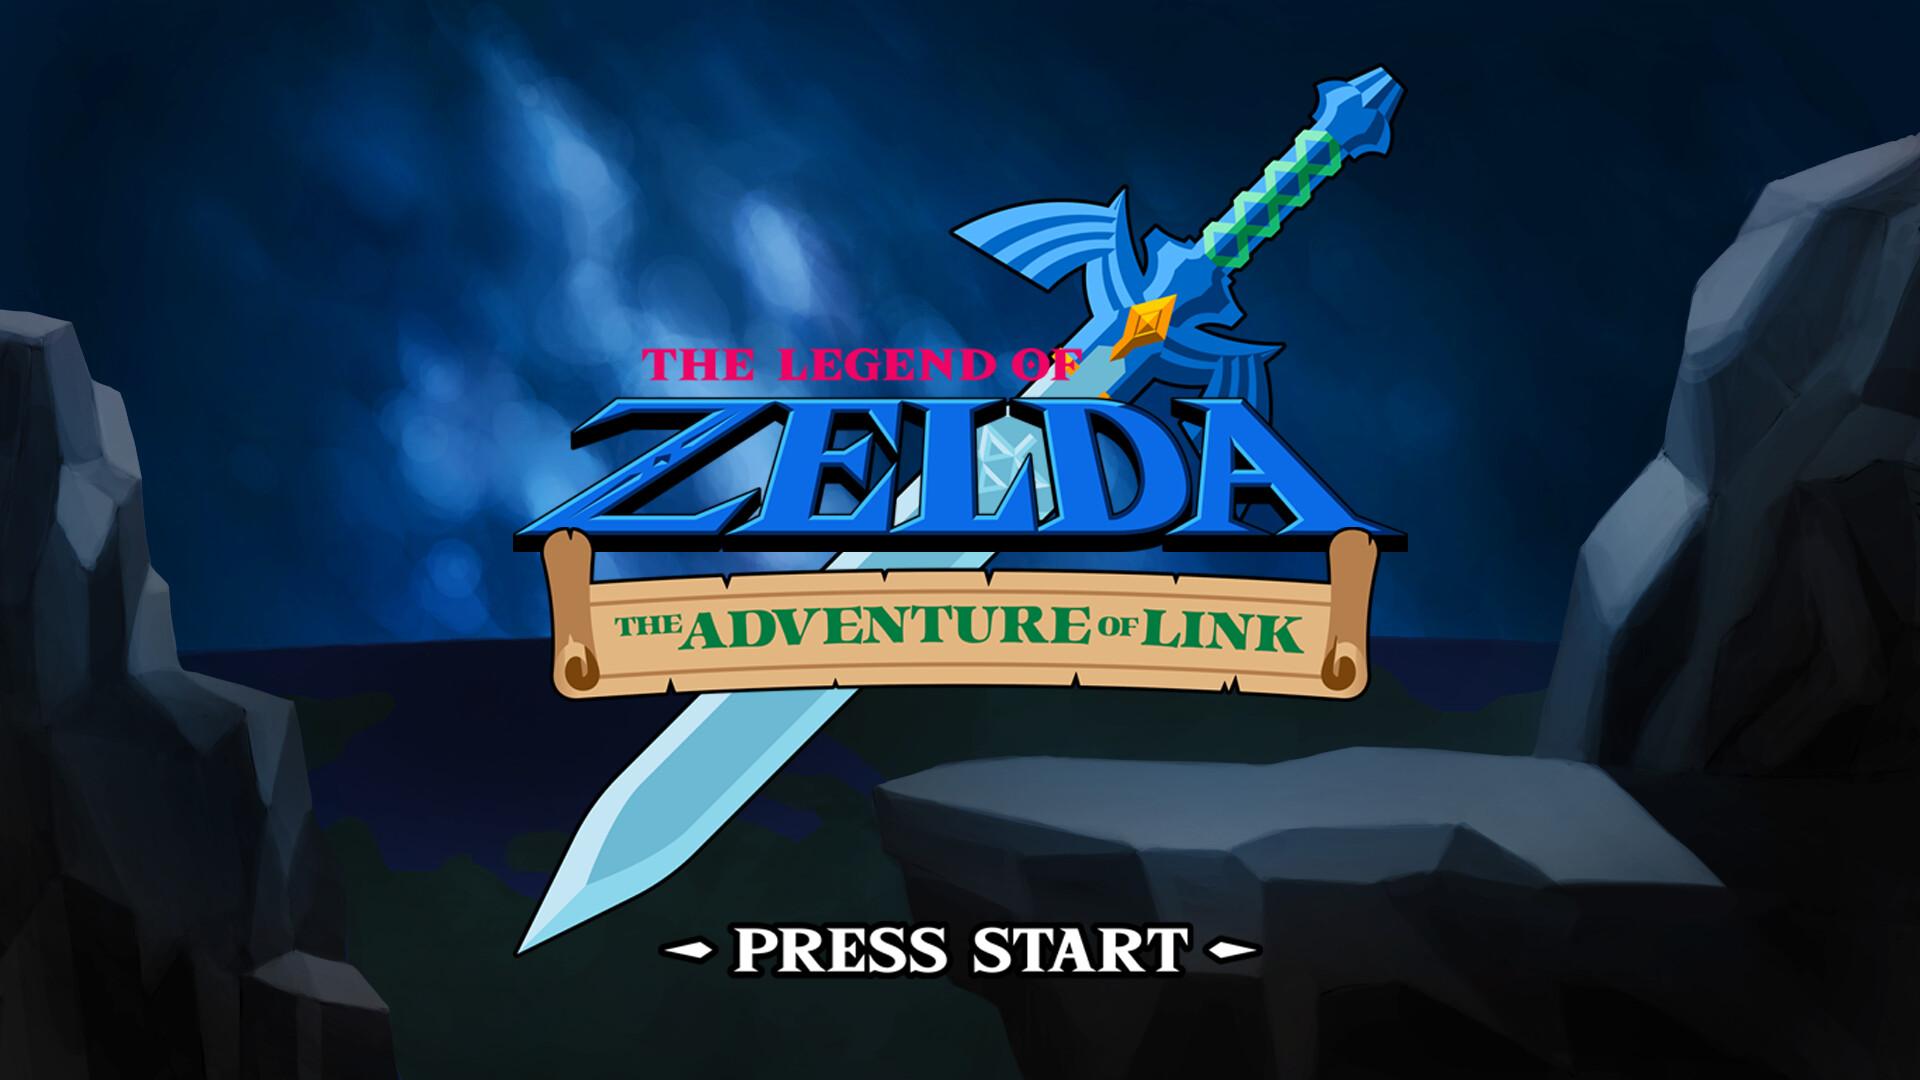 Daniel bernal zelda 2 the adventure of link 4